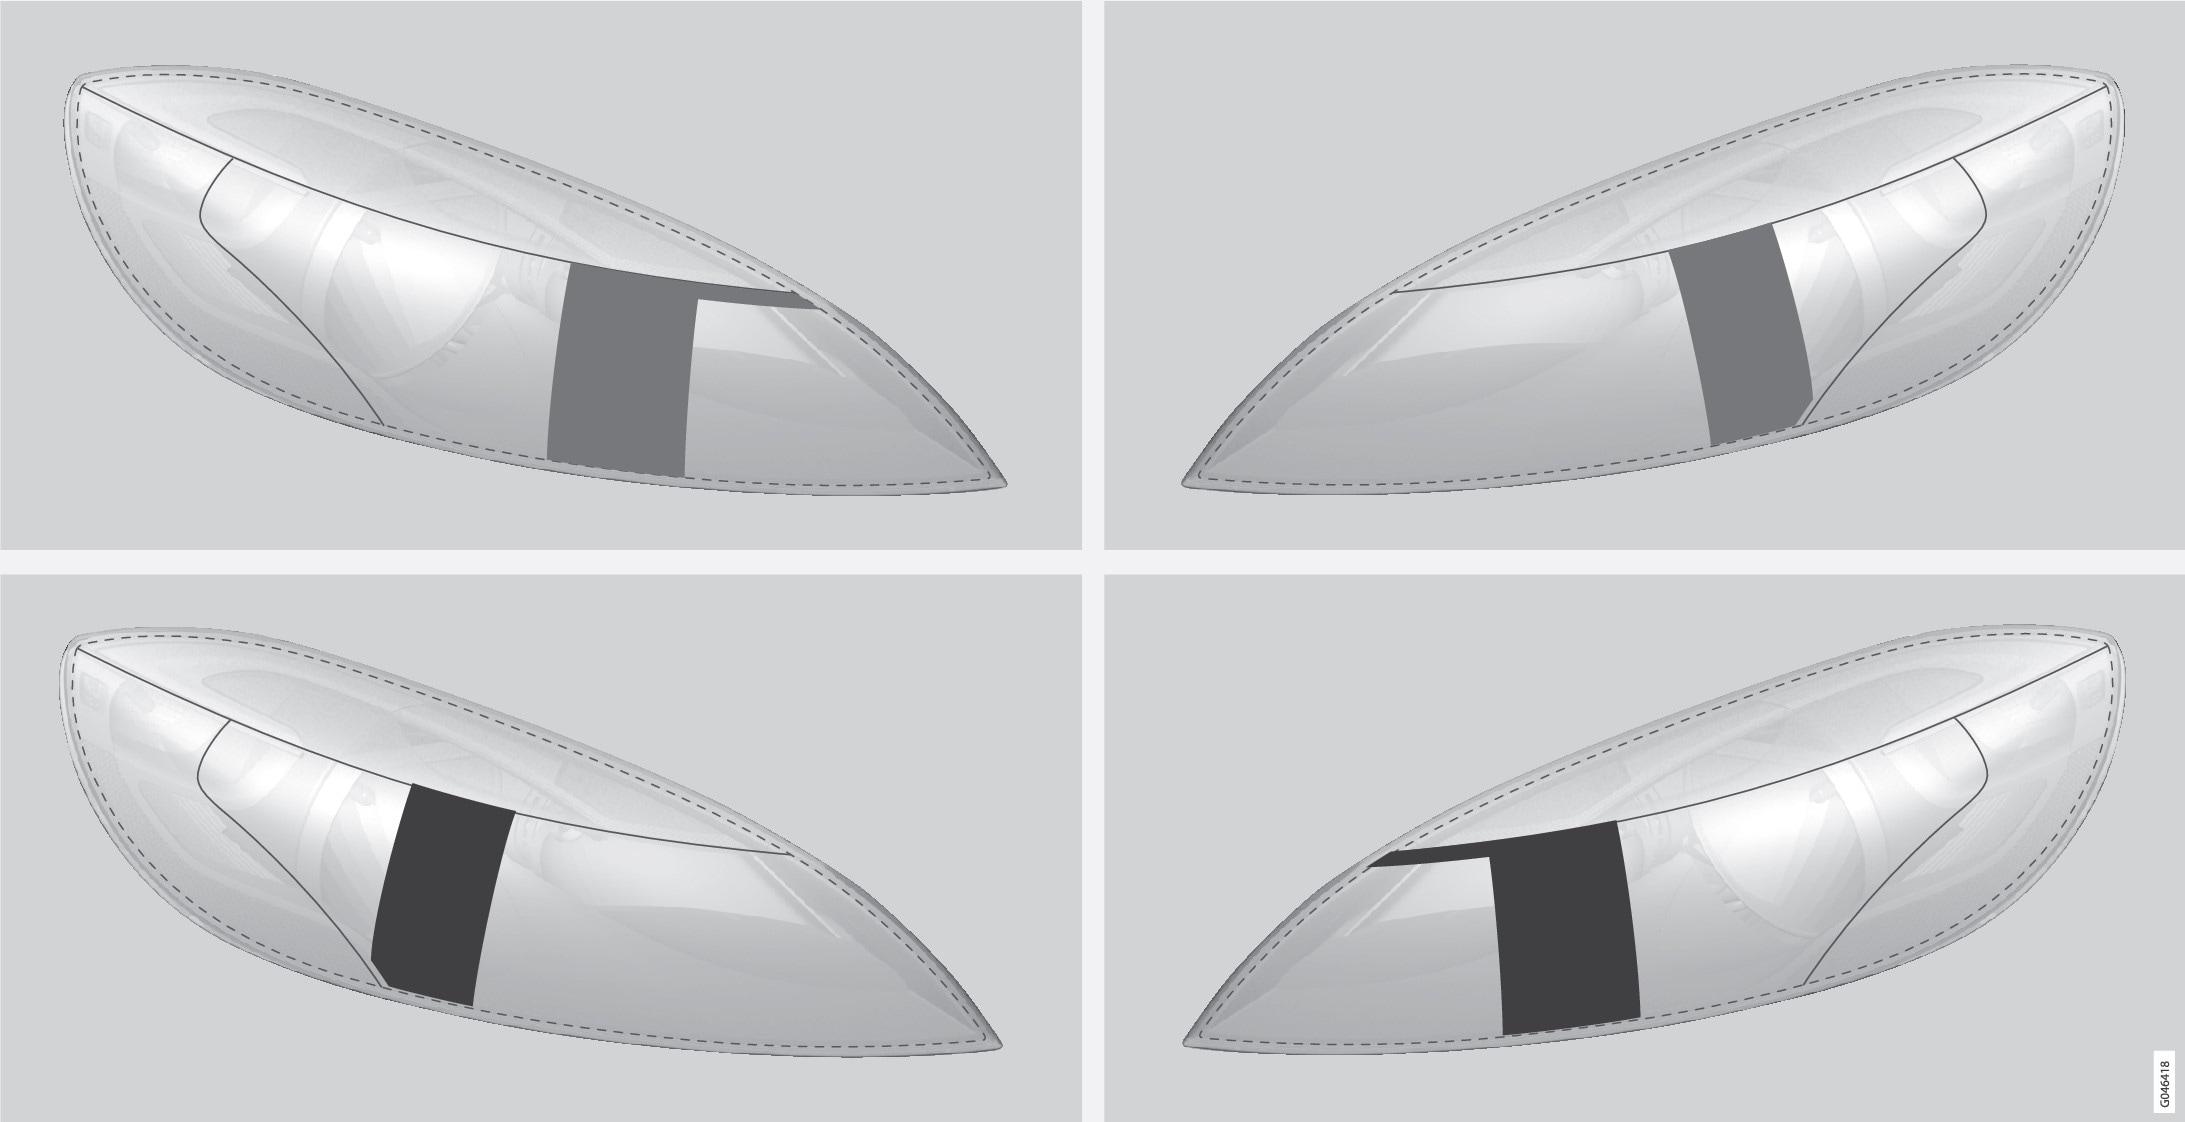 Riga superiore: automobile con guida a sinistra, sagome A e B. Riga inferiore: automobile con guida a destra, sagome C e D.